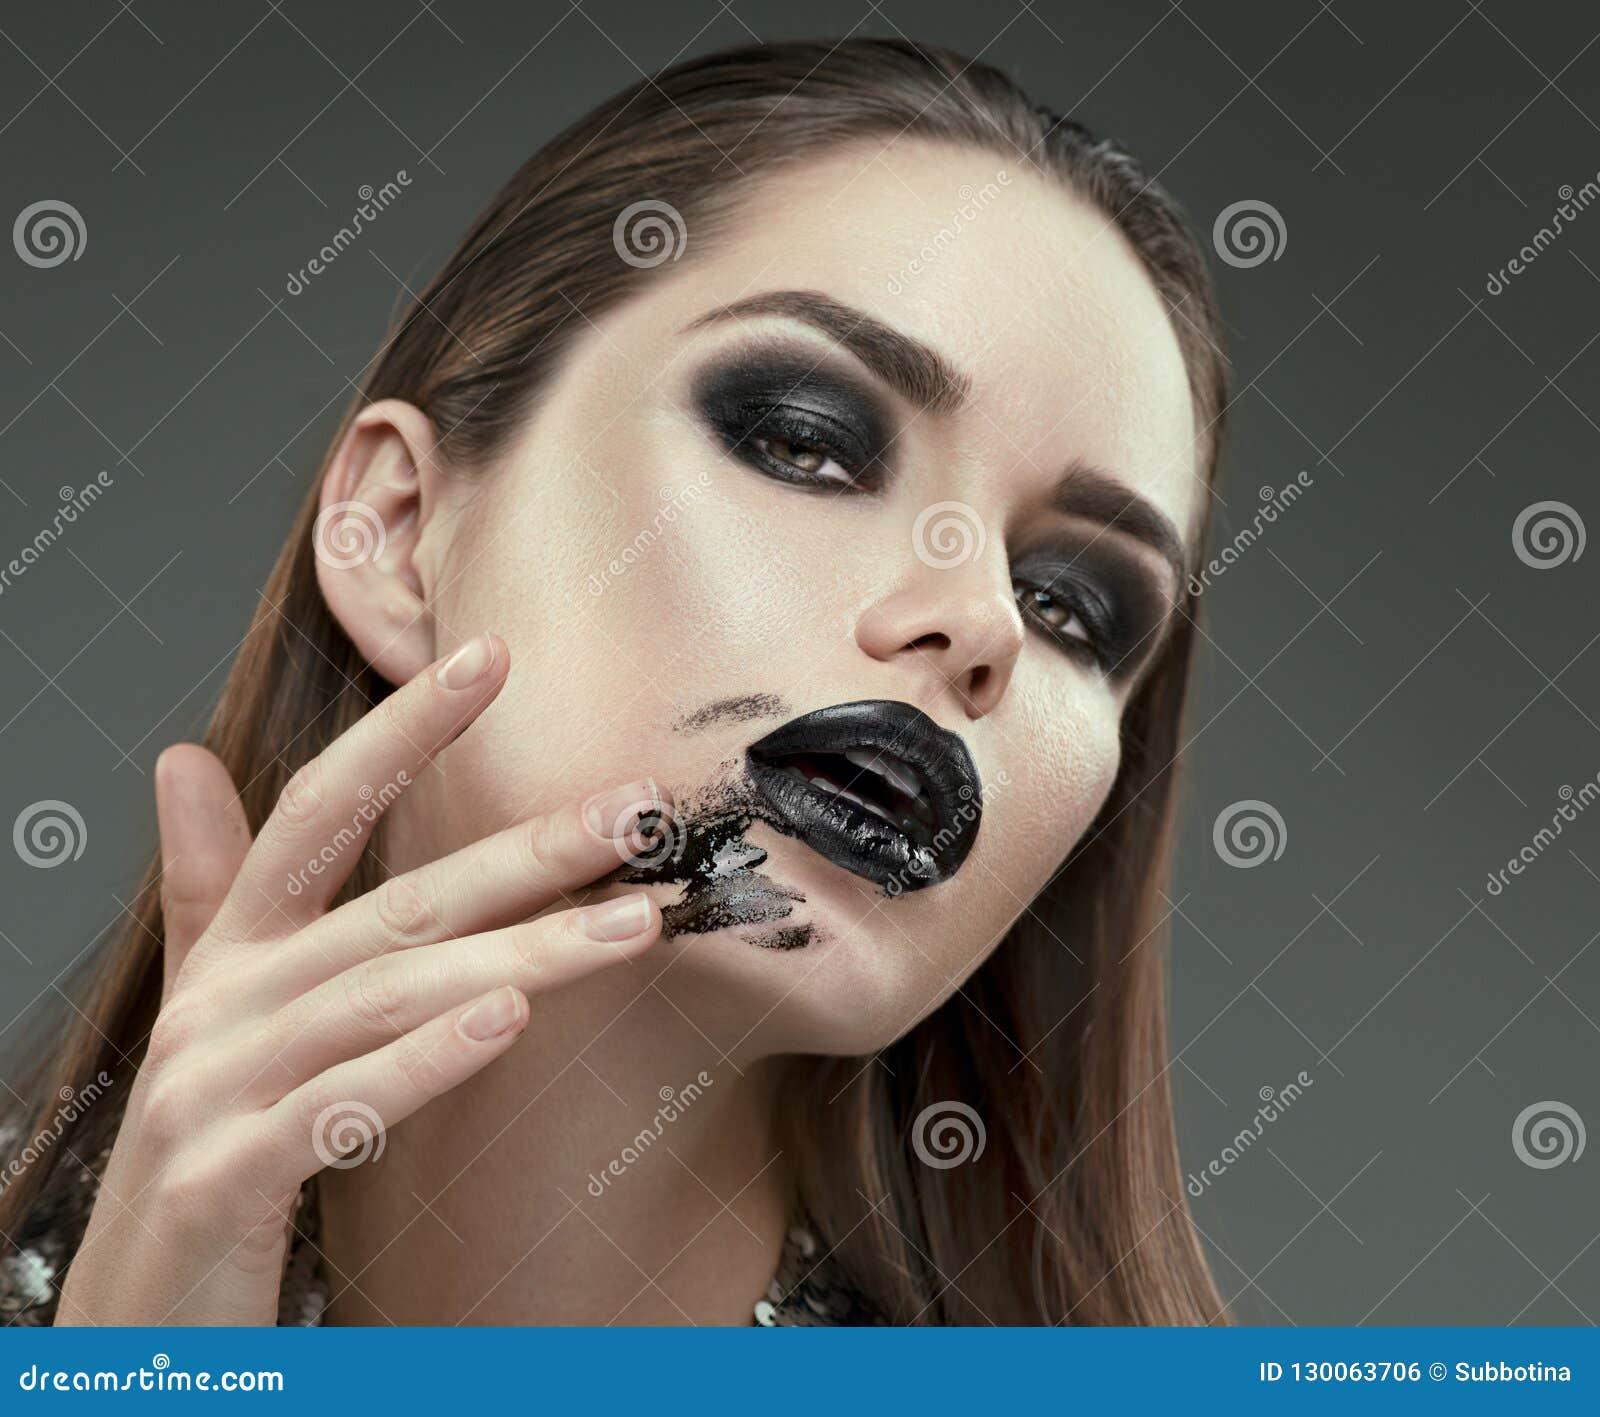 Trucco di Halloween Ragazza del modello di moda con trucco nero gotico d avanguardia La giovane donna spalma il rossetto nero sul